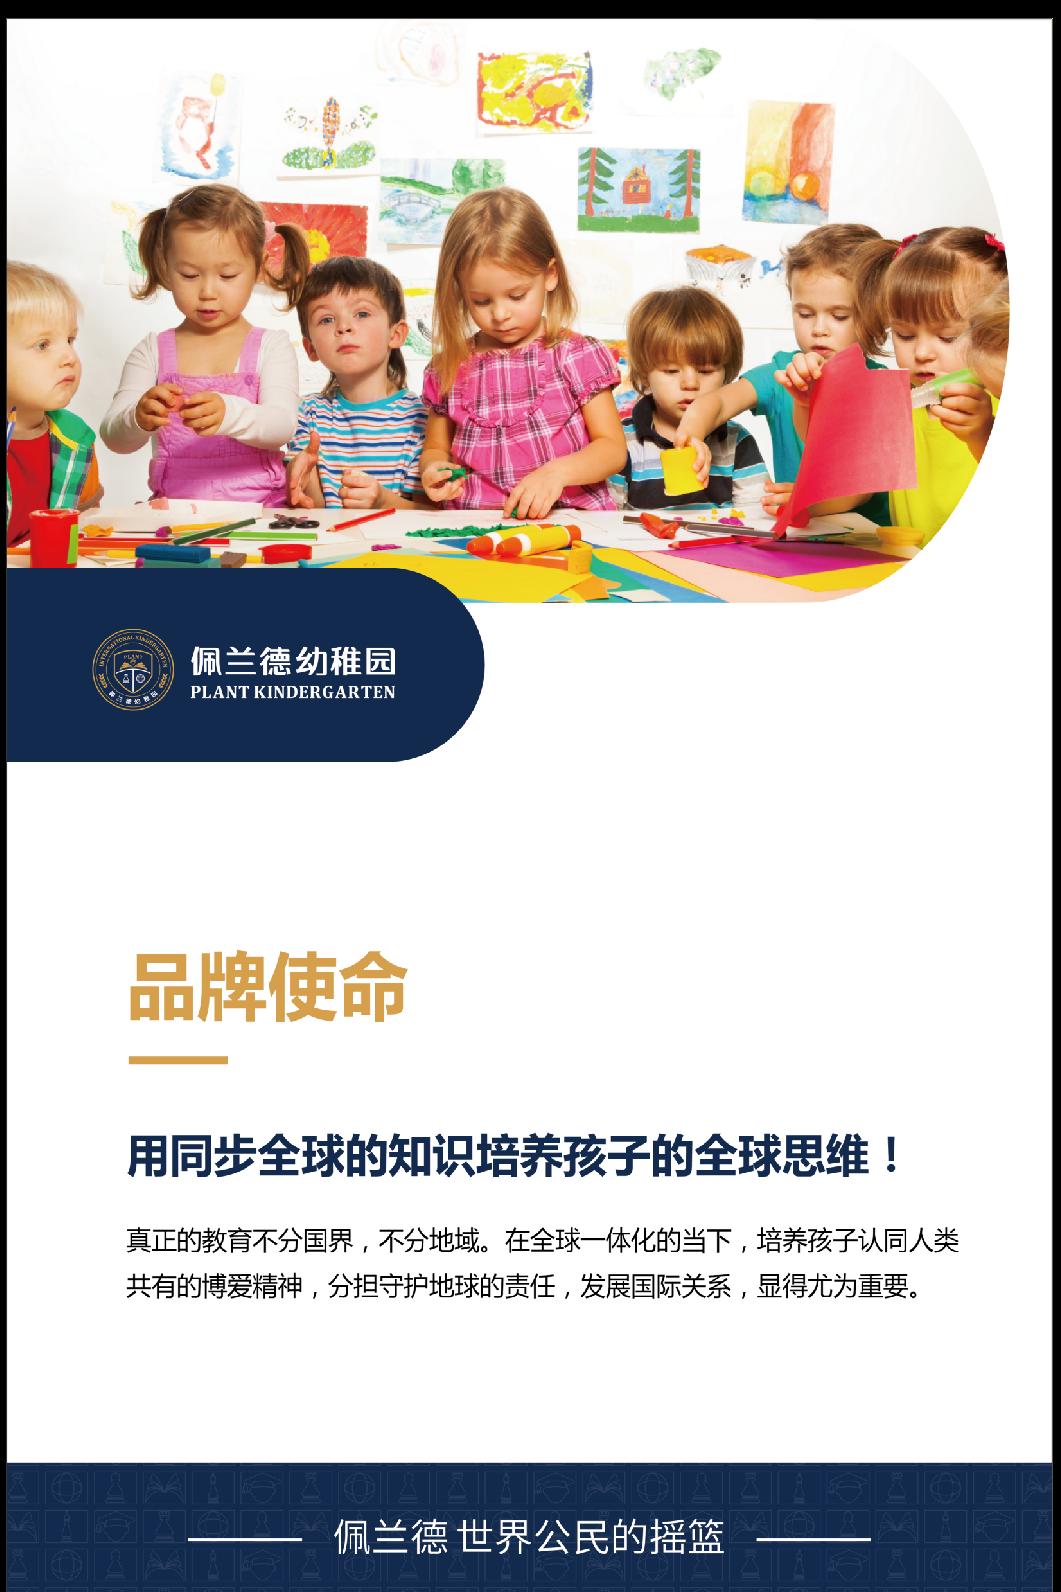 佩兰德国际幼稚园 ——用同步全球的知识培养孩子的全球思维!